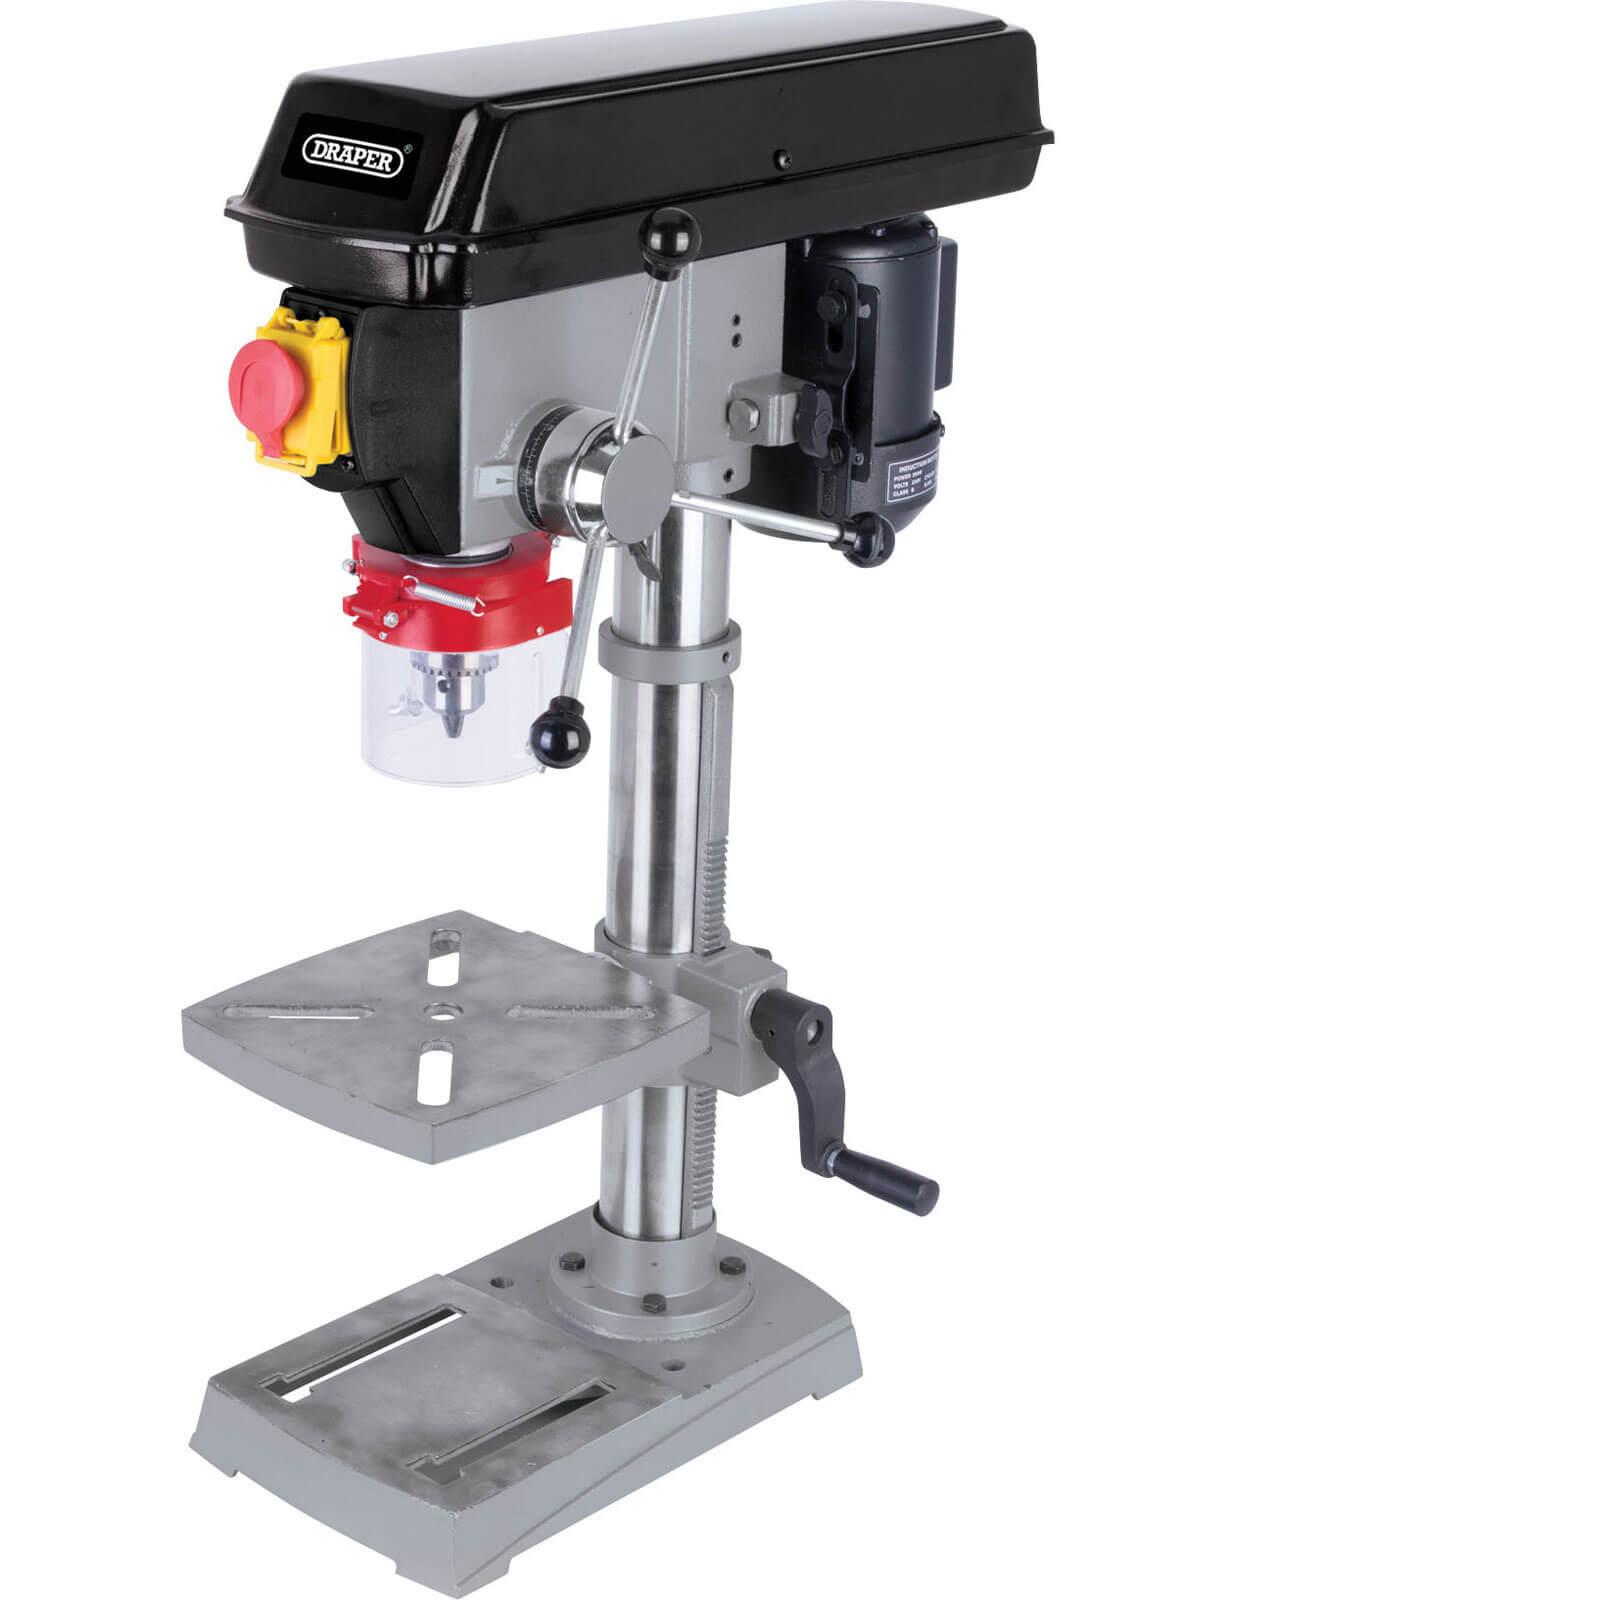 Draper BD37512D 12 Speed Bench Drill 240v